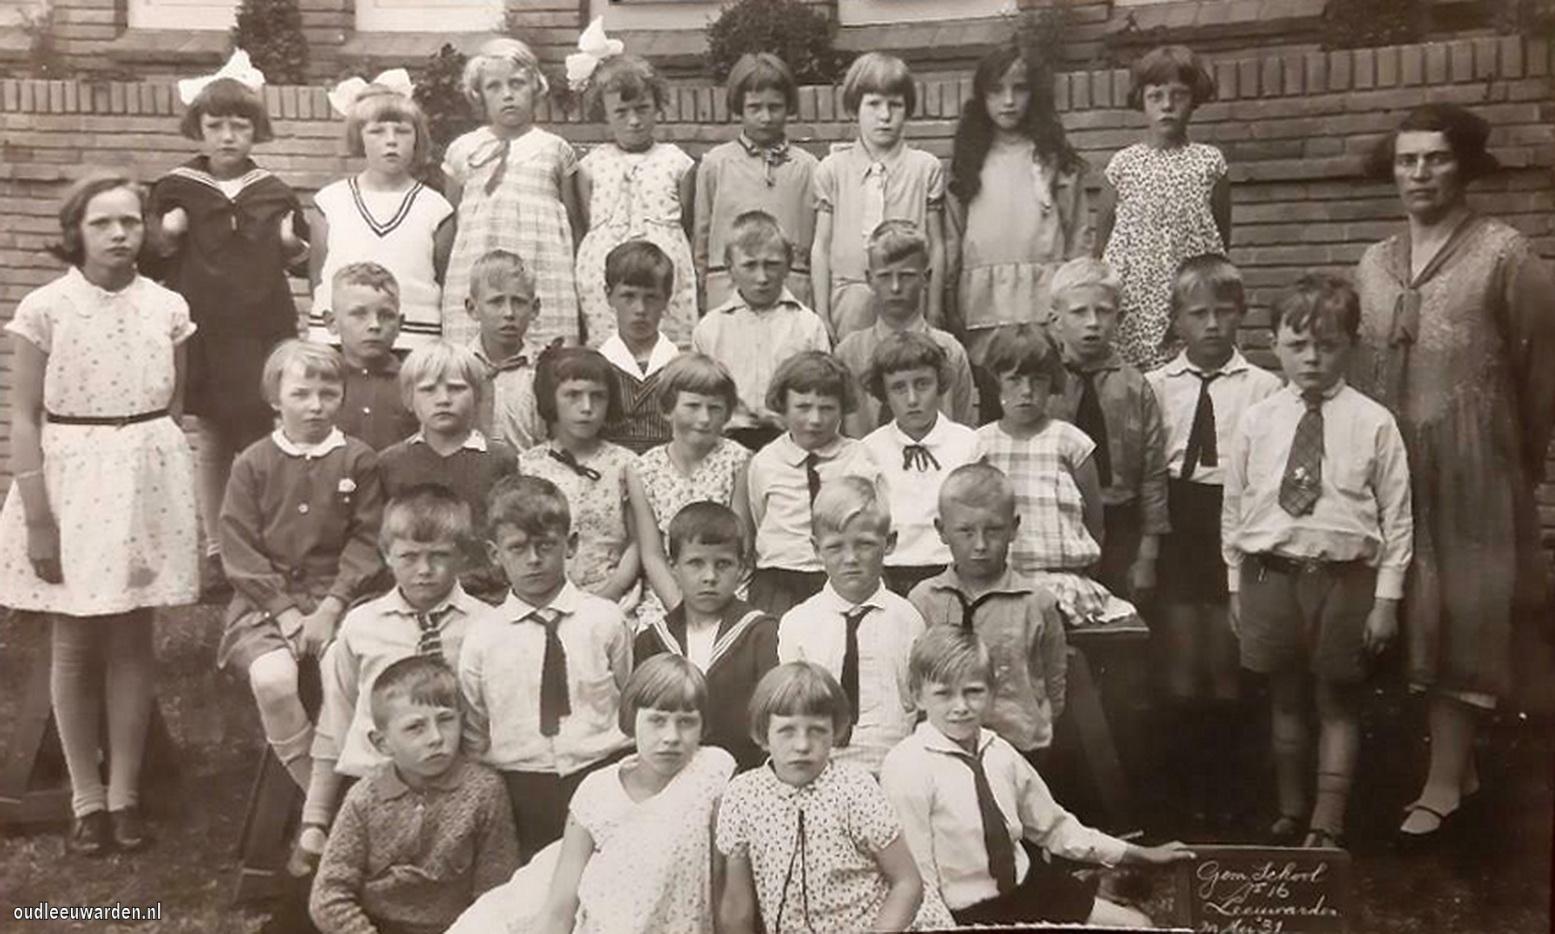 Gemeente school no16 Leeuwarden